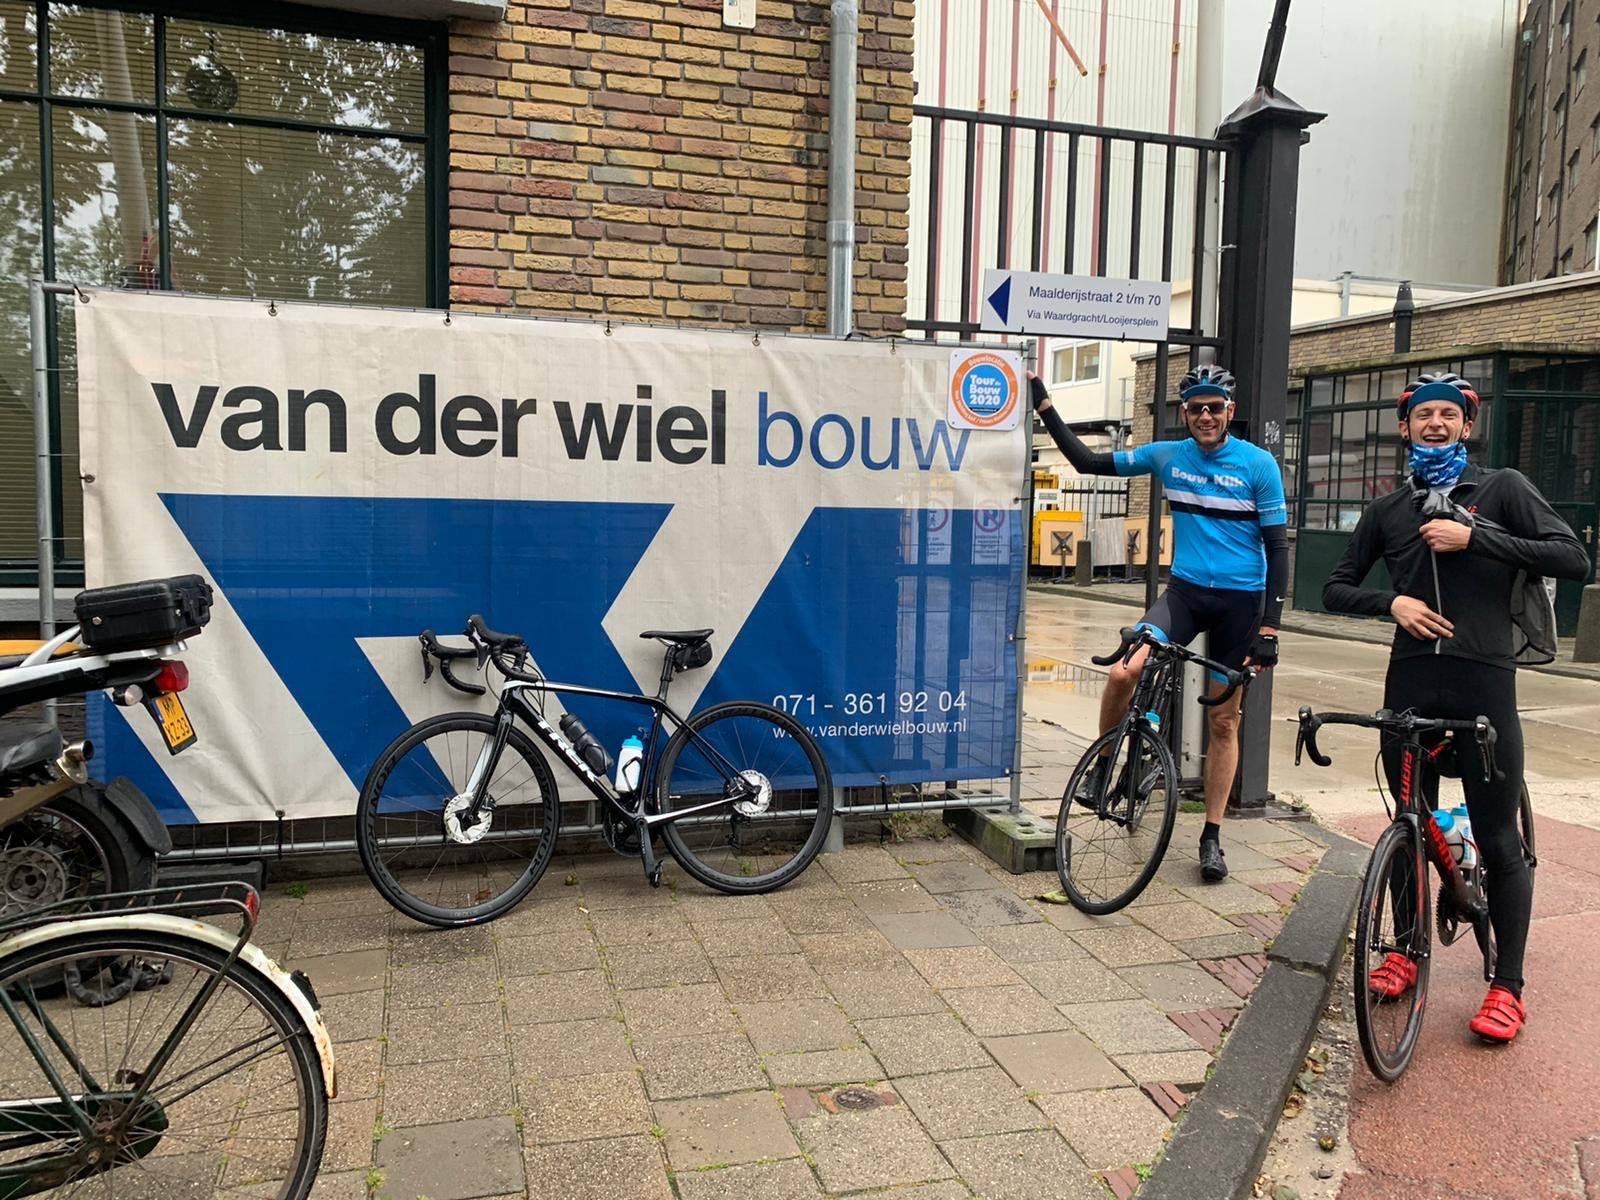 Tour de Bouw 2020 Van der wiel Bouw